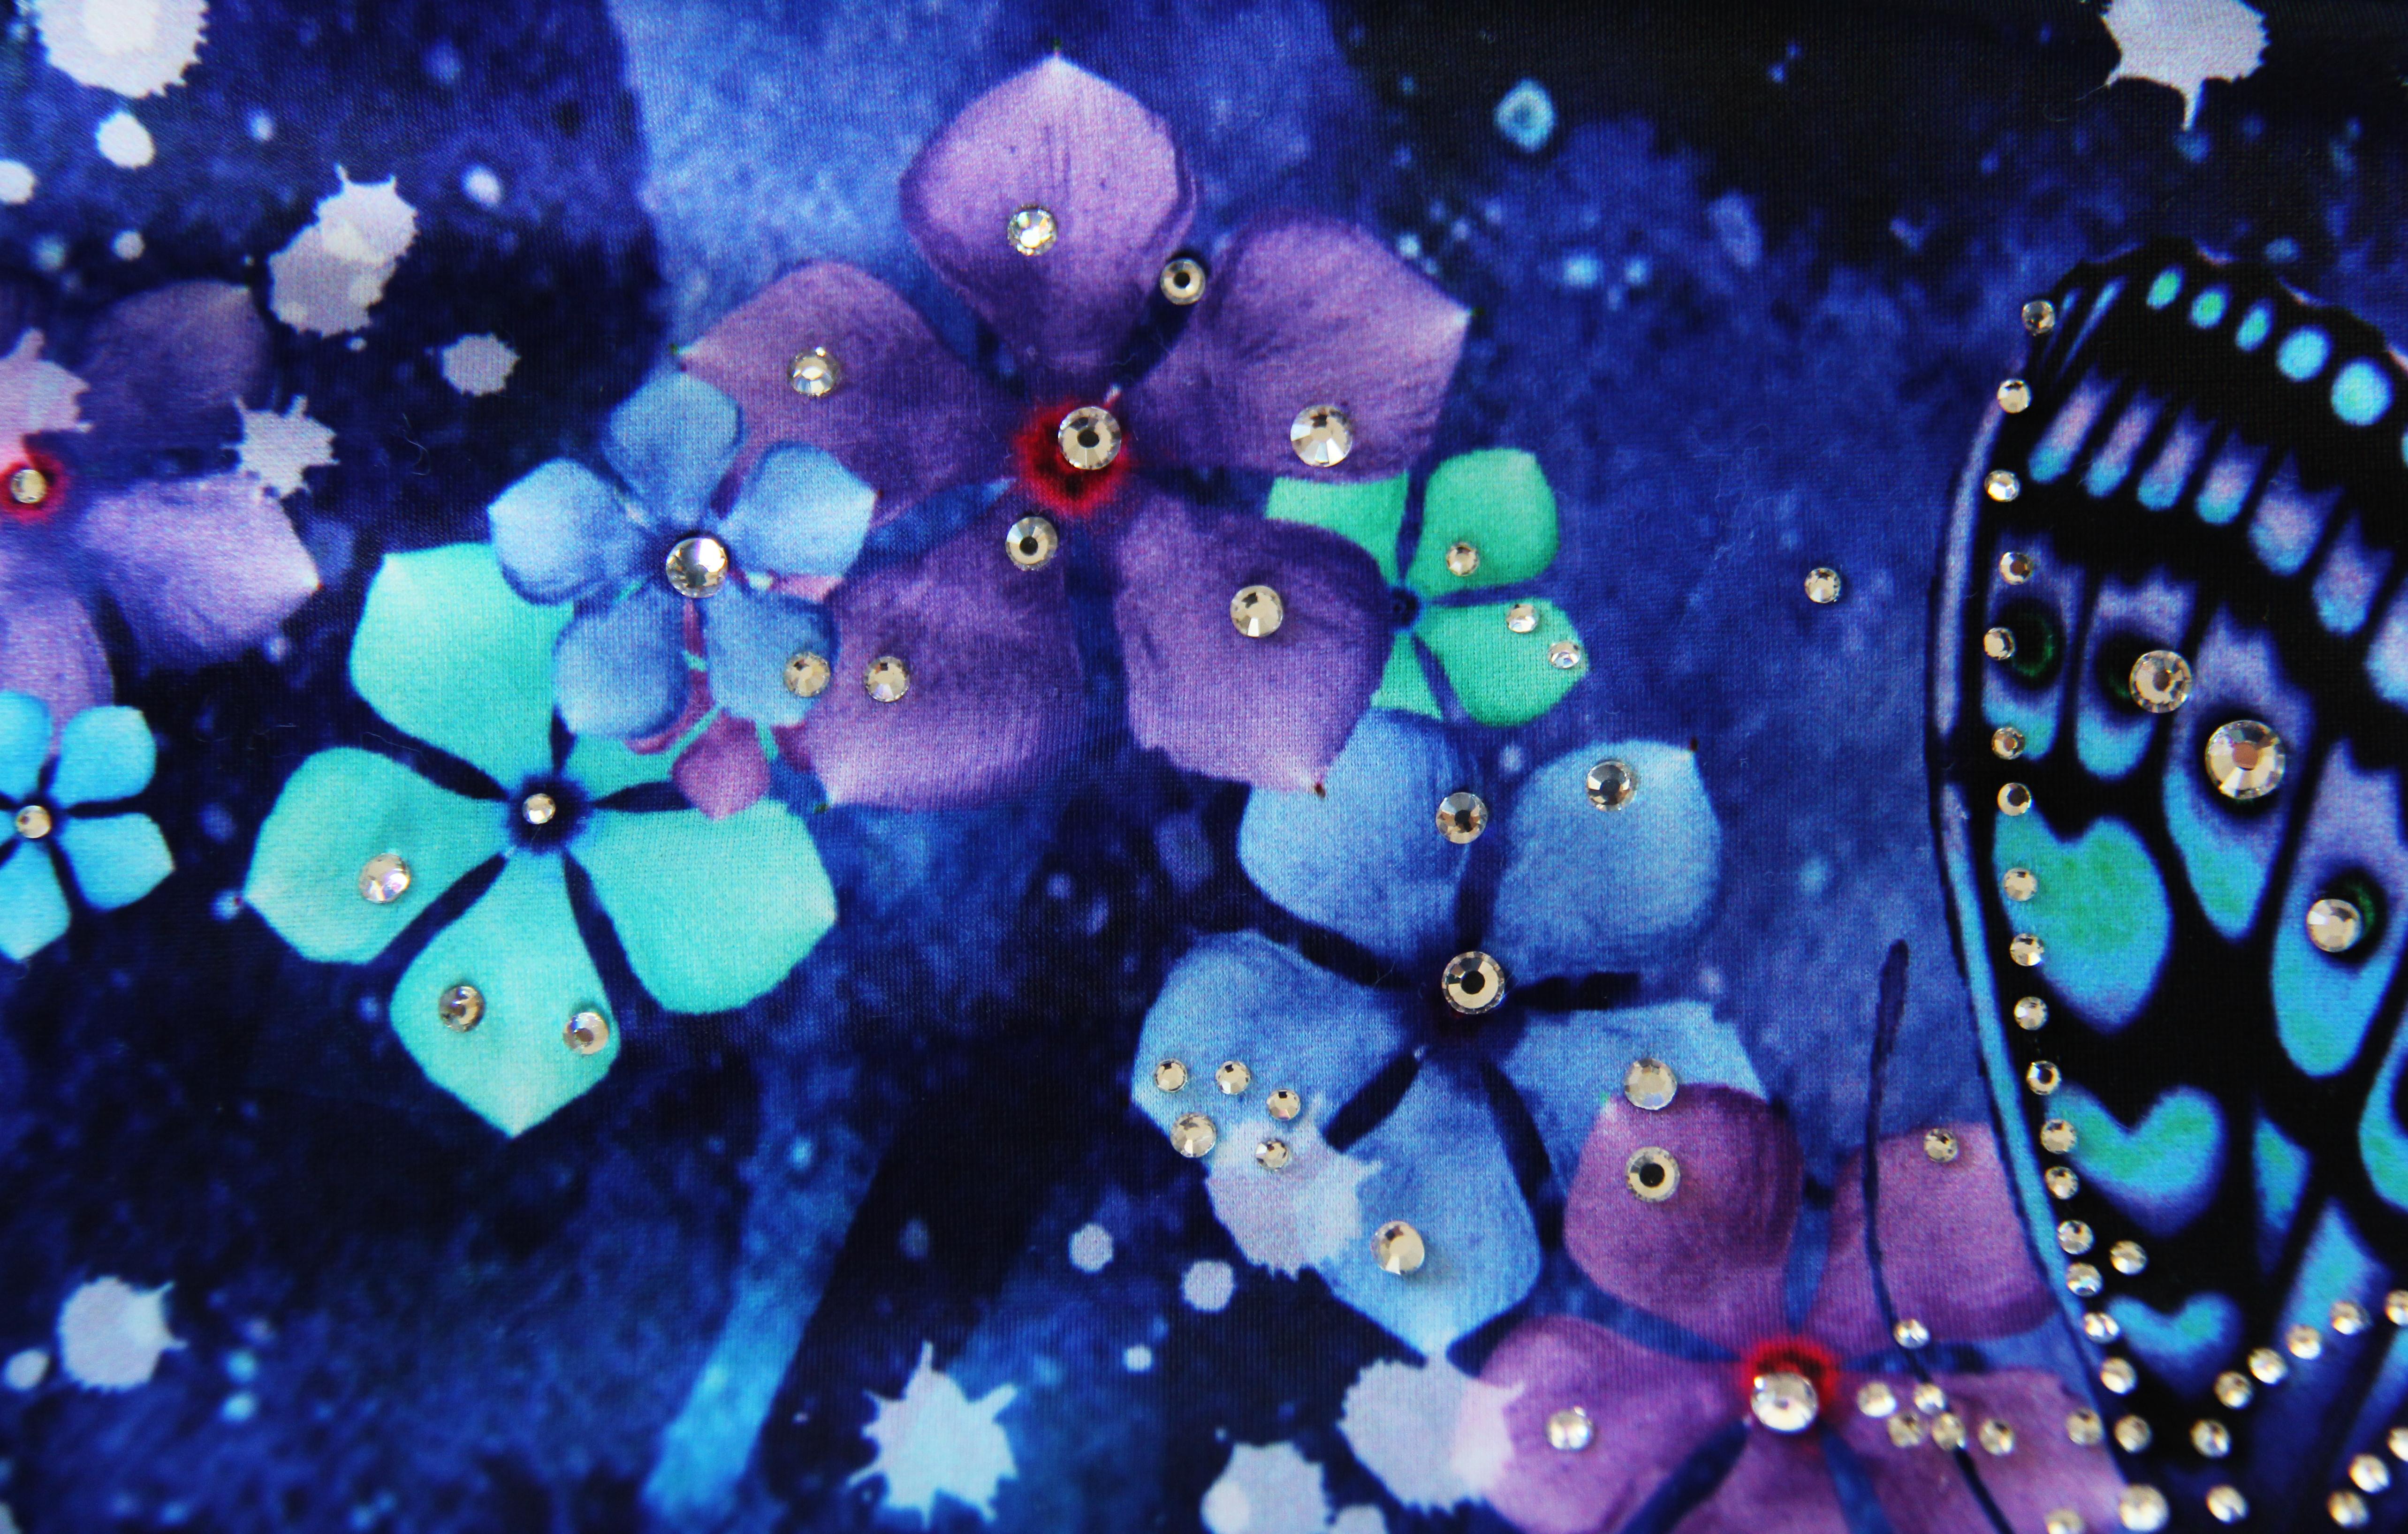 Dancing Butterflies & Flowers  in the Cosmo! 12